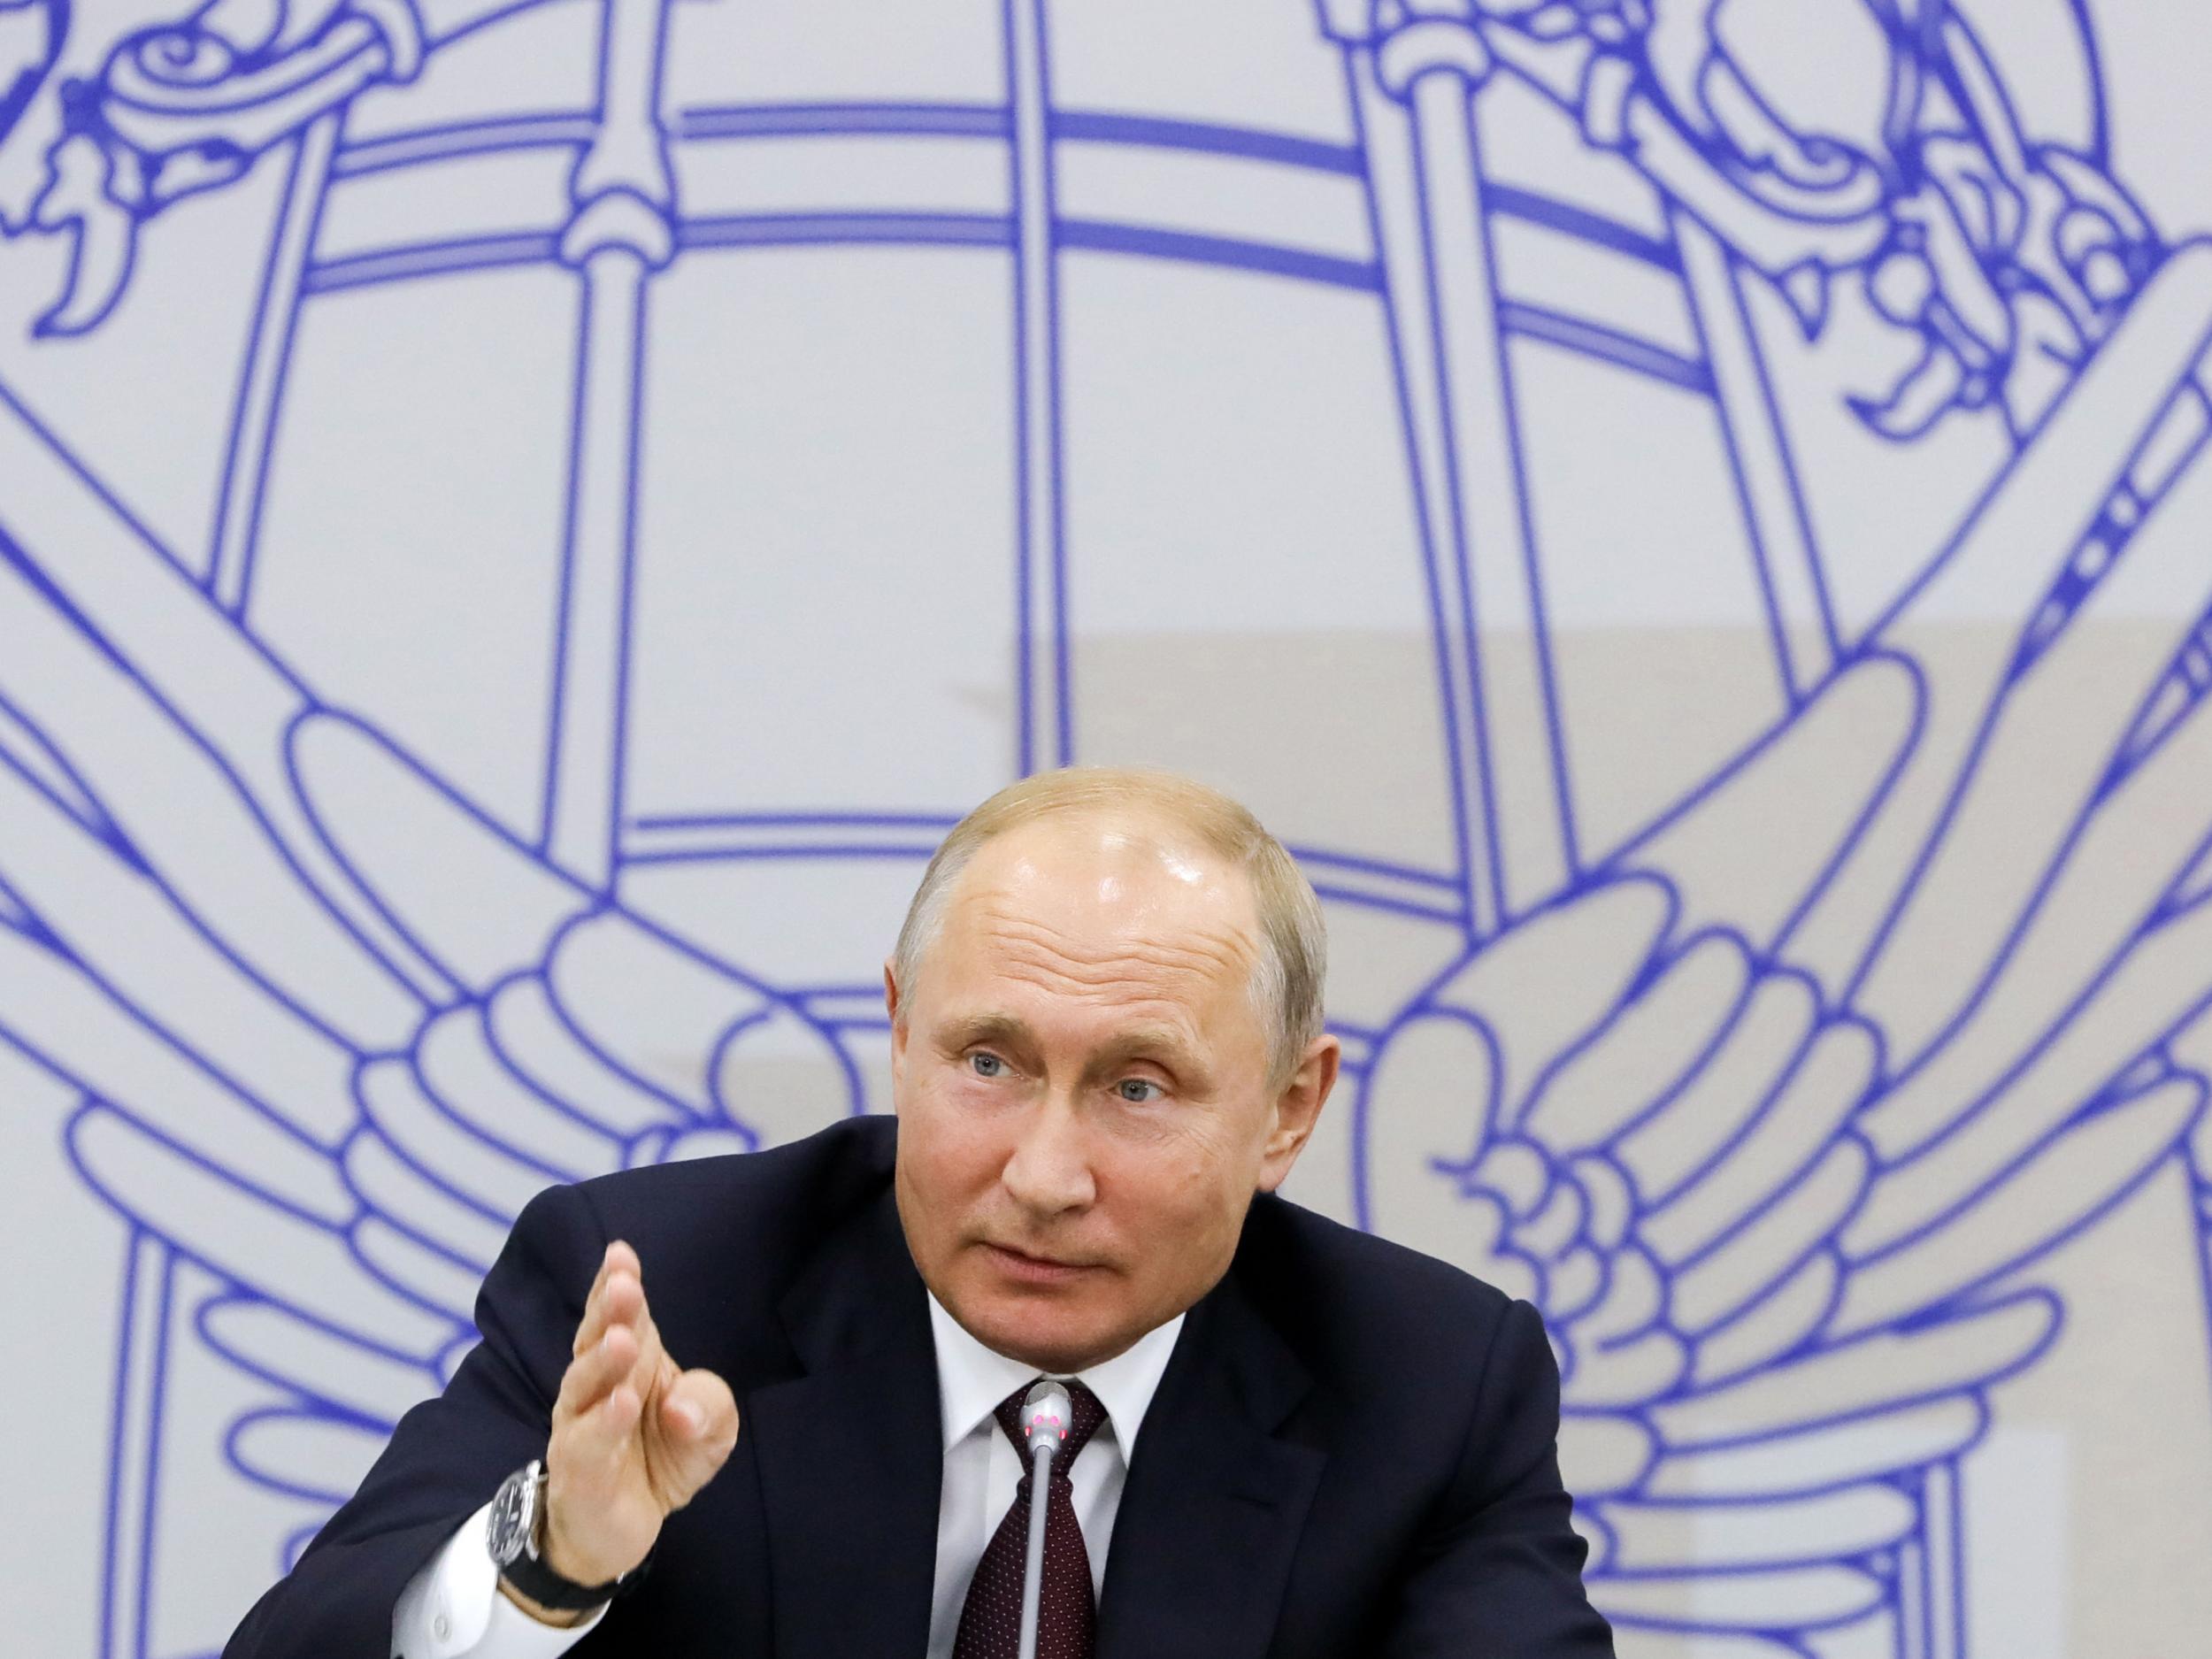 Výsledok vyhľadávania obrázkov pre dopyt Putin verzus Venezuela